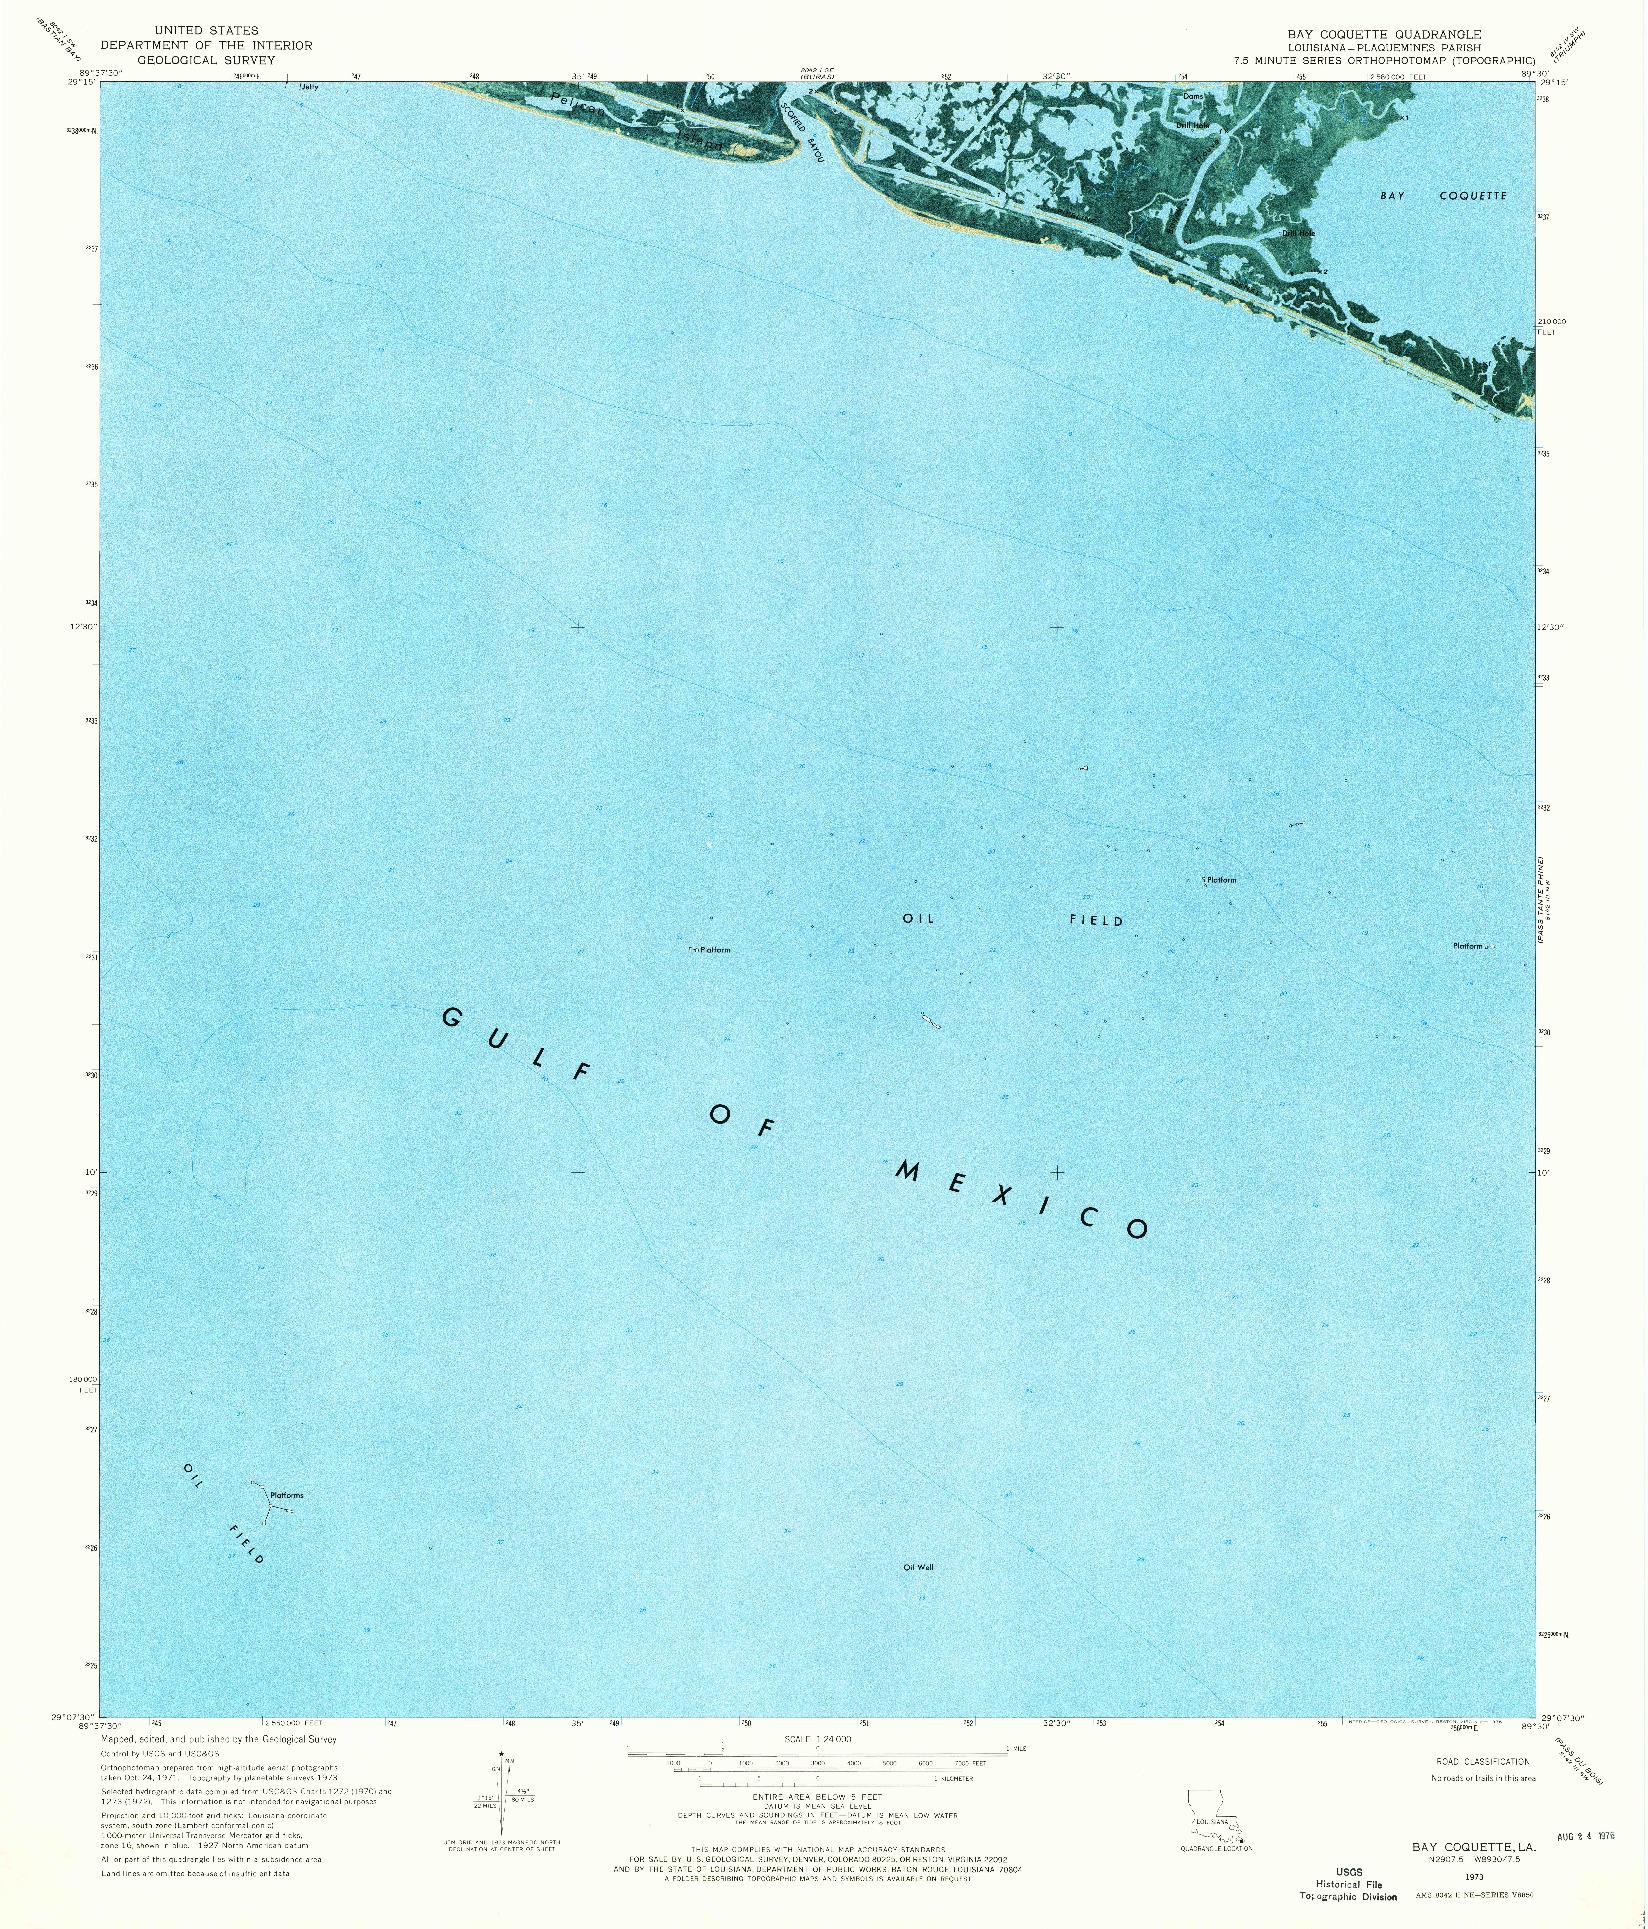 USGS 1:24000-SCALE QUADRANGLE FOR BAY COQUETTE, LA 1973